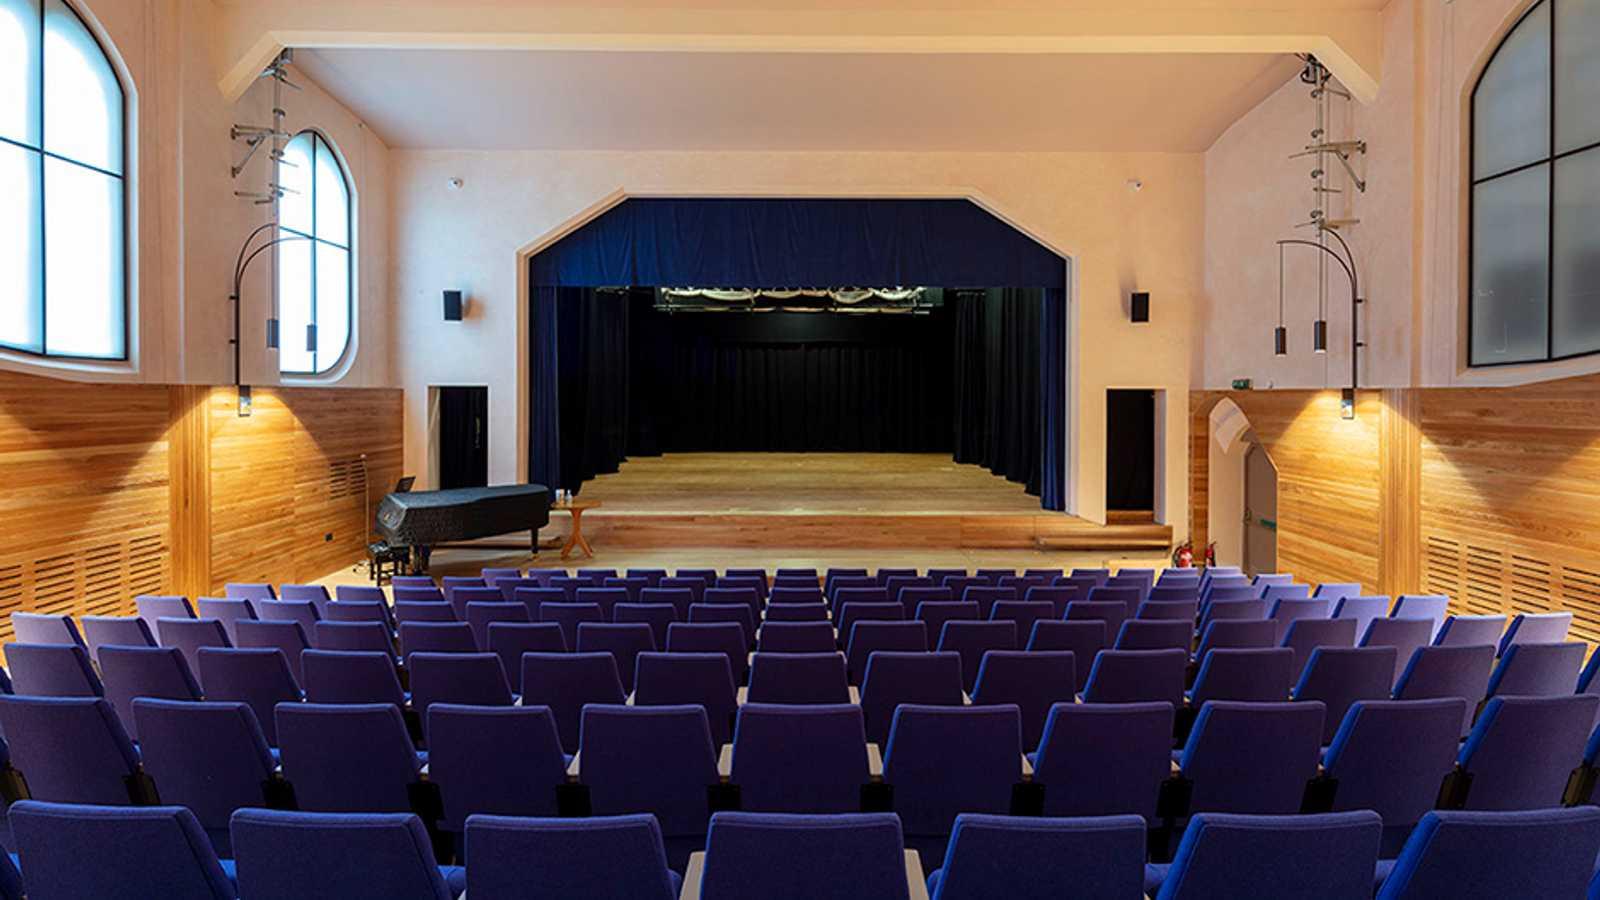 The Steiner Theatre